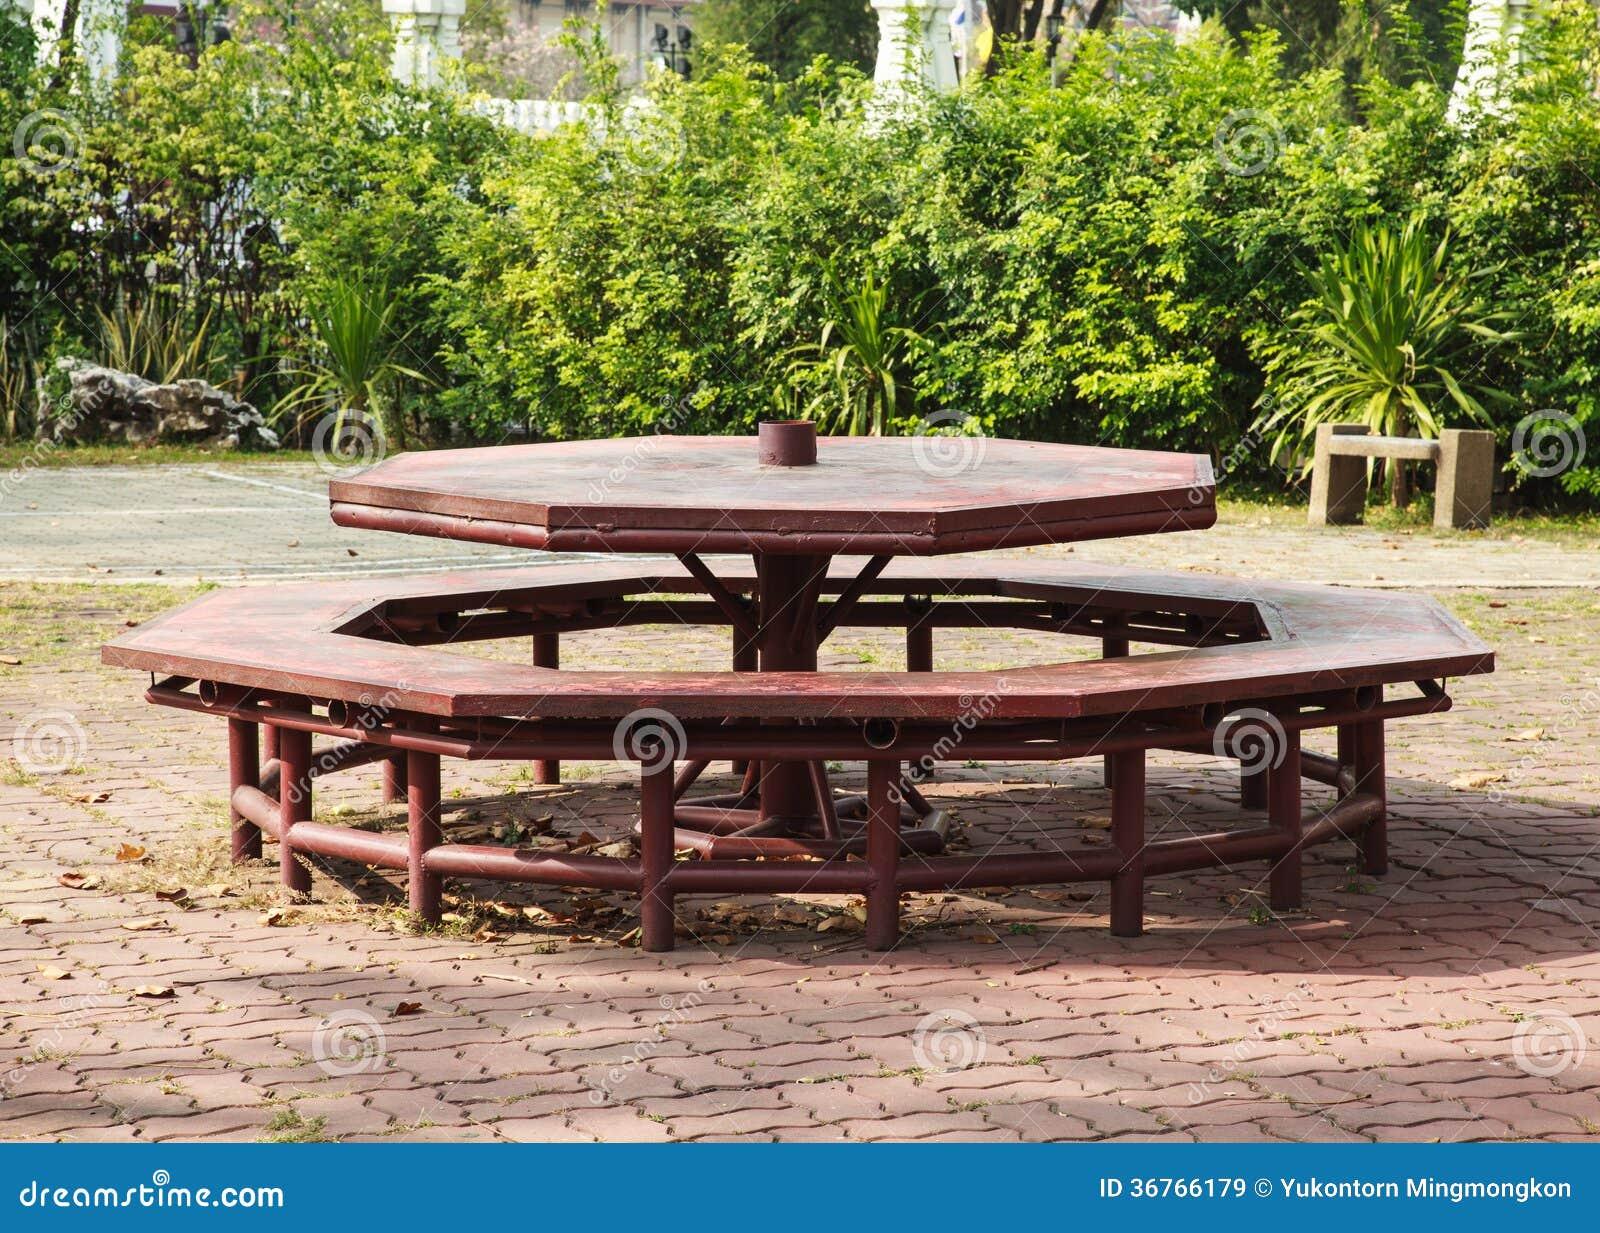 Table de pique nique octogonale images libres de droits for Table exterieur octogonale